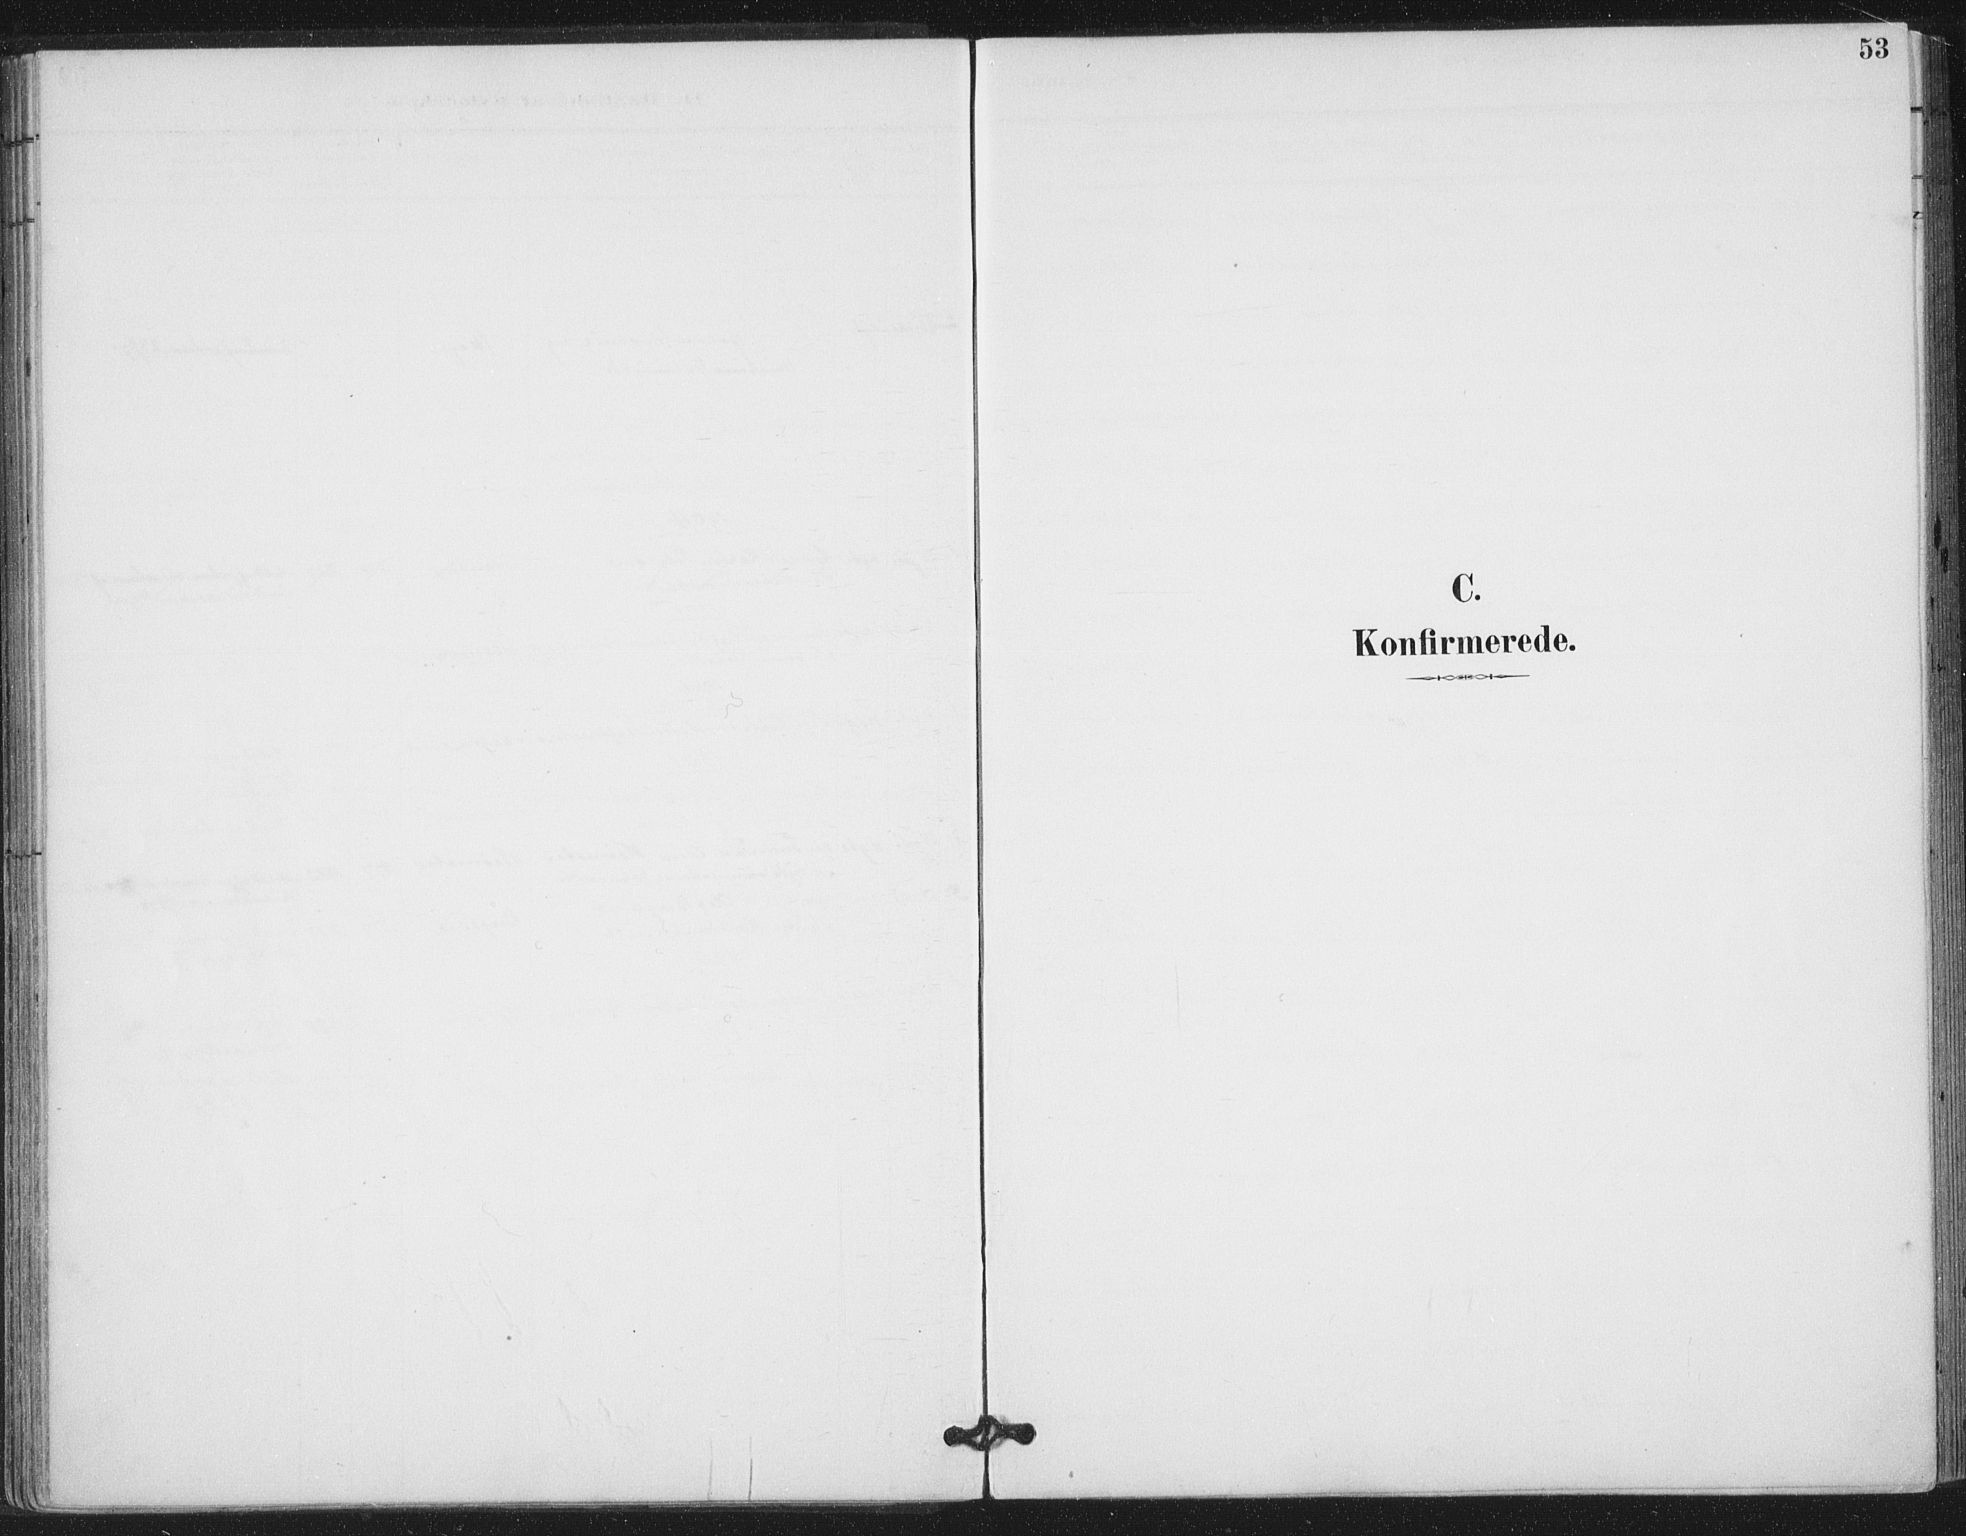 SAT, Ministerialprotokoller, klokkerbøker og fødselsregistre - Nord-Trøndelag, 783/L0660: Ministerialbok nr. 783A02, 1886-1918, s. 53